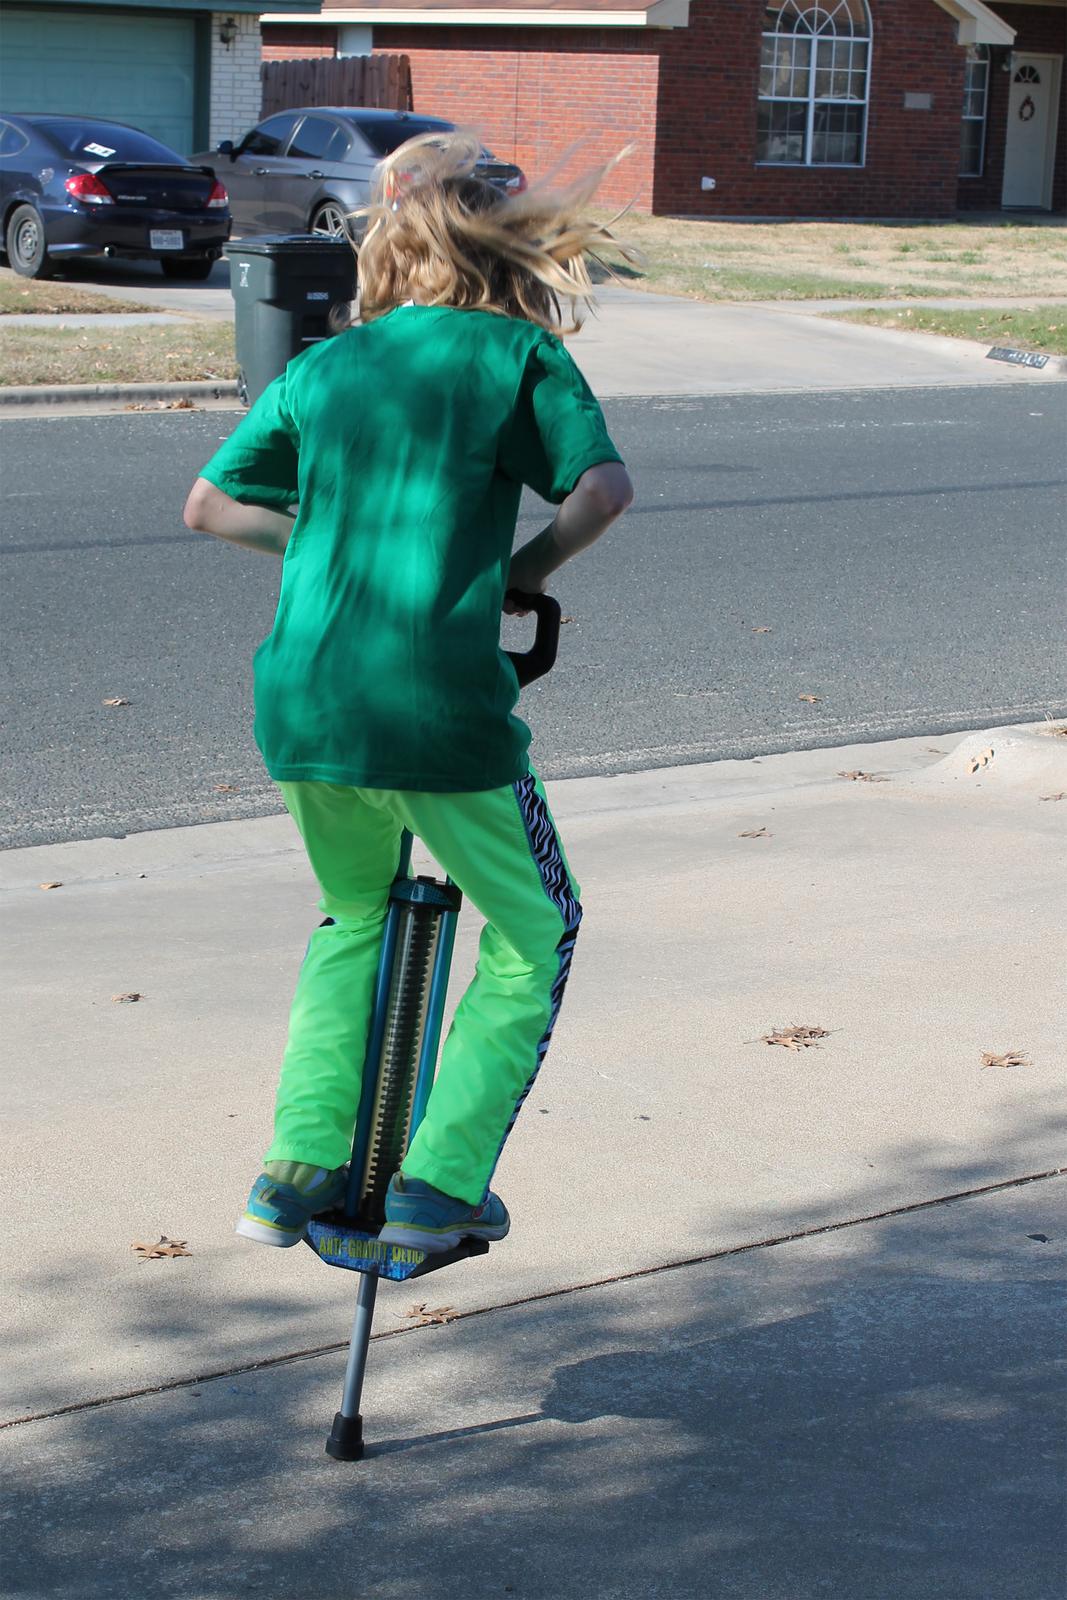 Fotografia dziecka skaczącego na zabawce pogo.